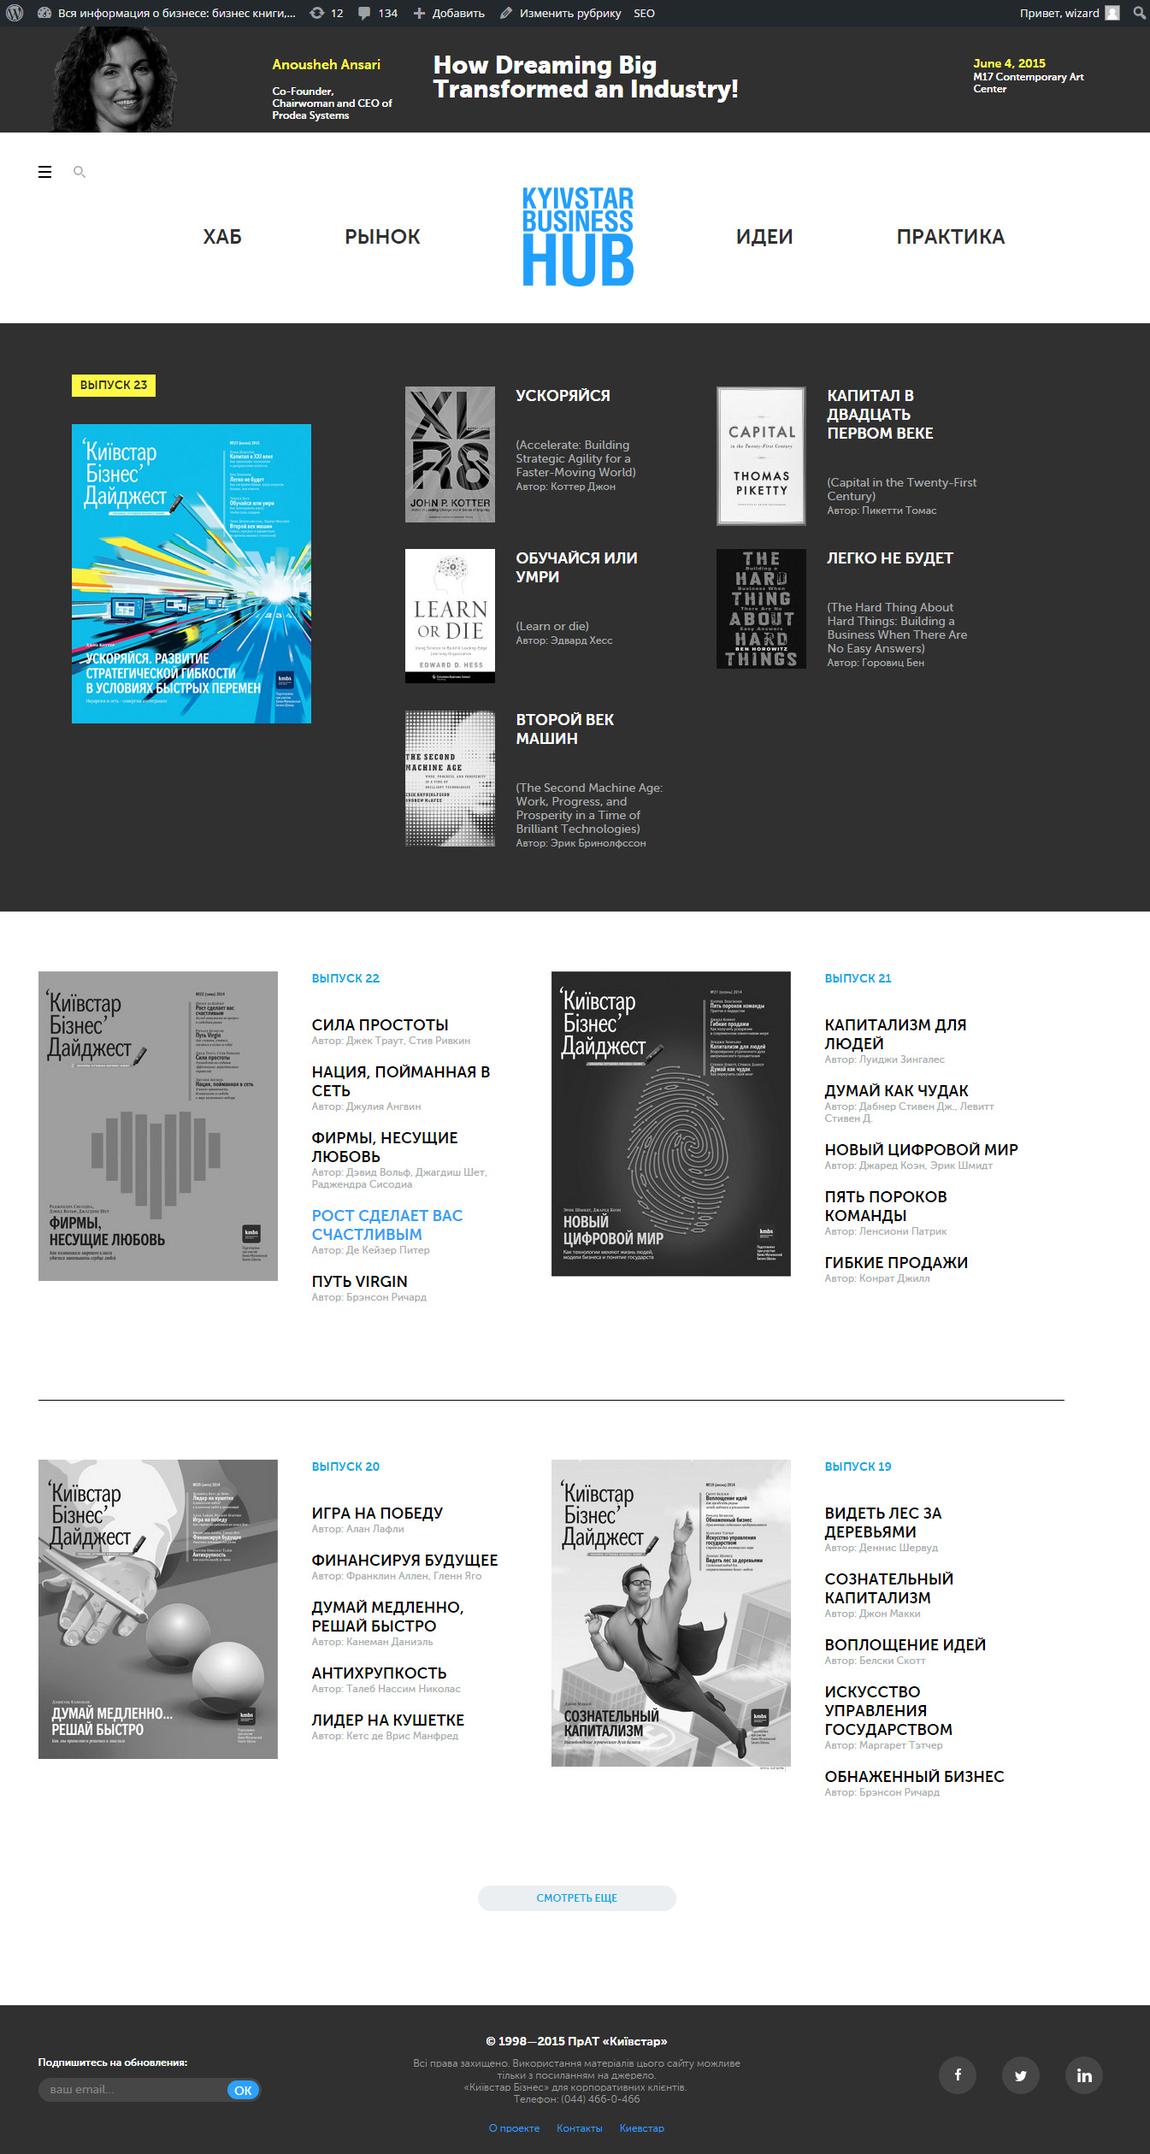 Бренд запустил новый веб-сайт hub.kyivstar.ua, который объединил образовательные инициативы и проекты для бизнес-партнеров компании в едином ресурсе.